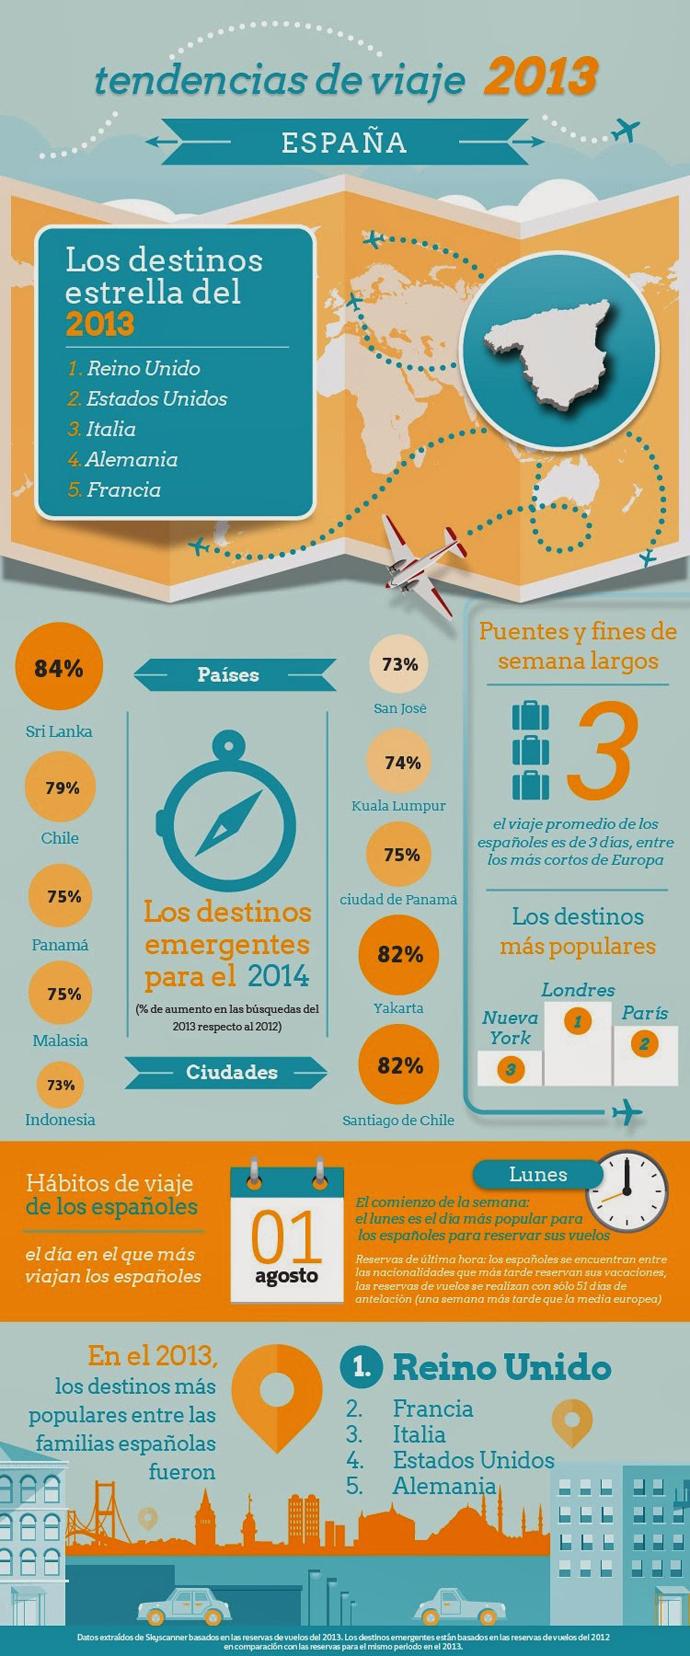 Tendencias de viajes de los españoles (2013)